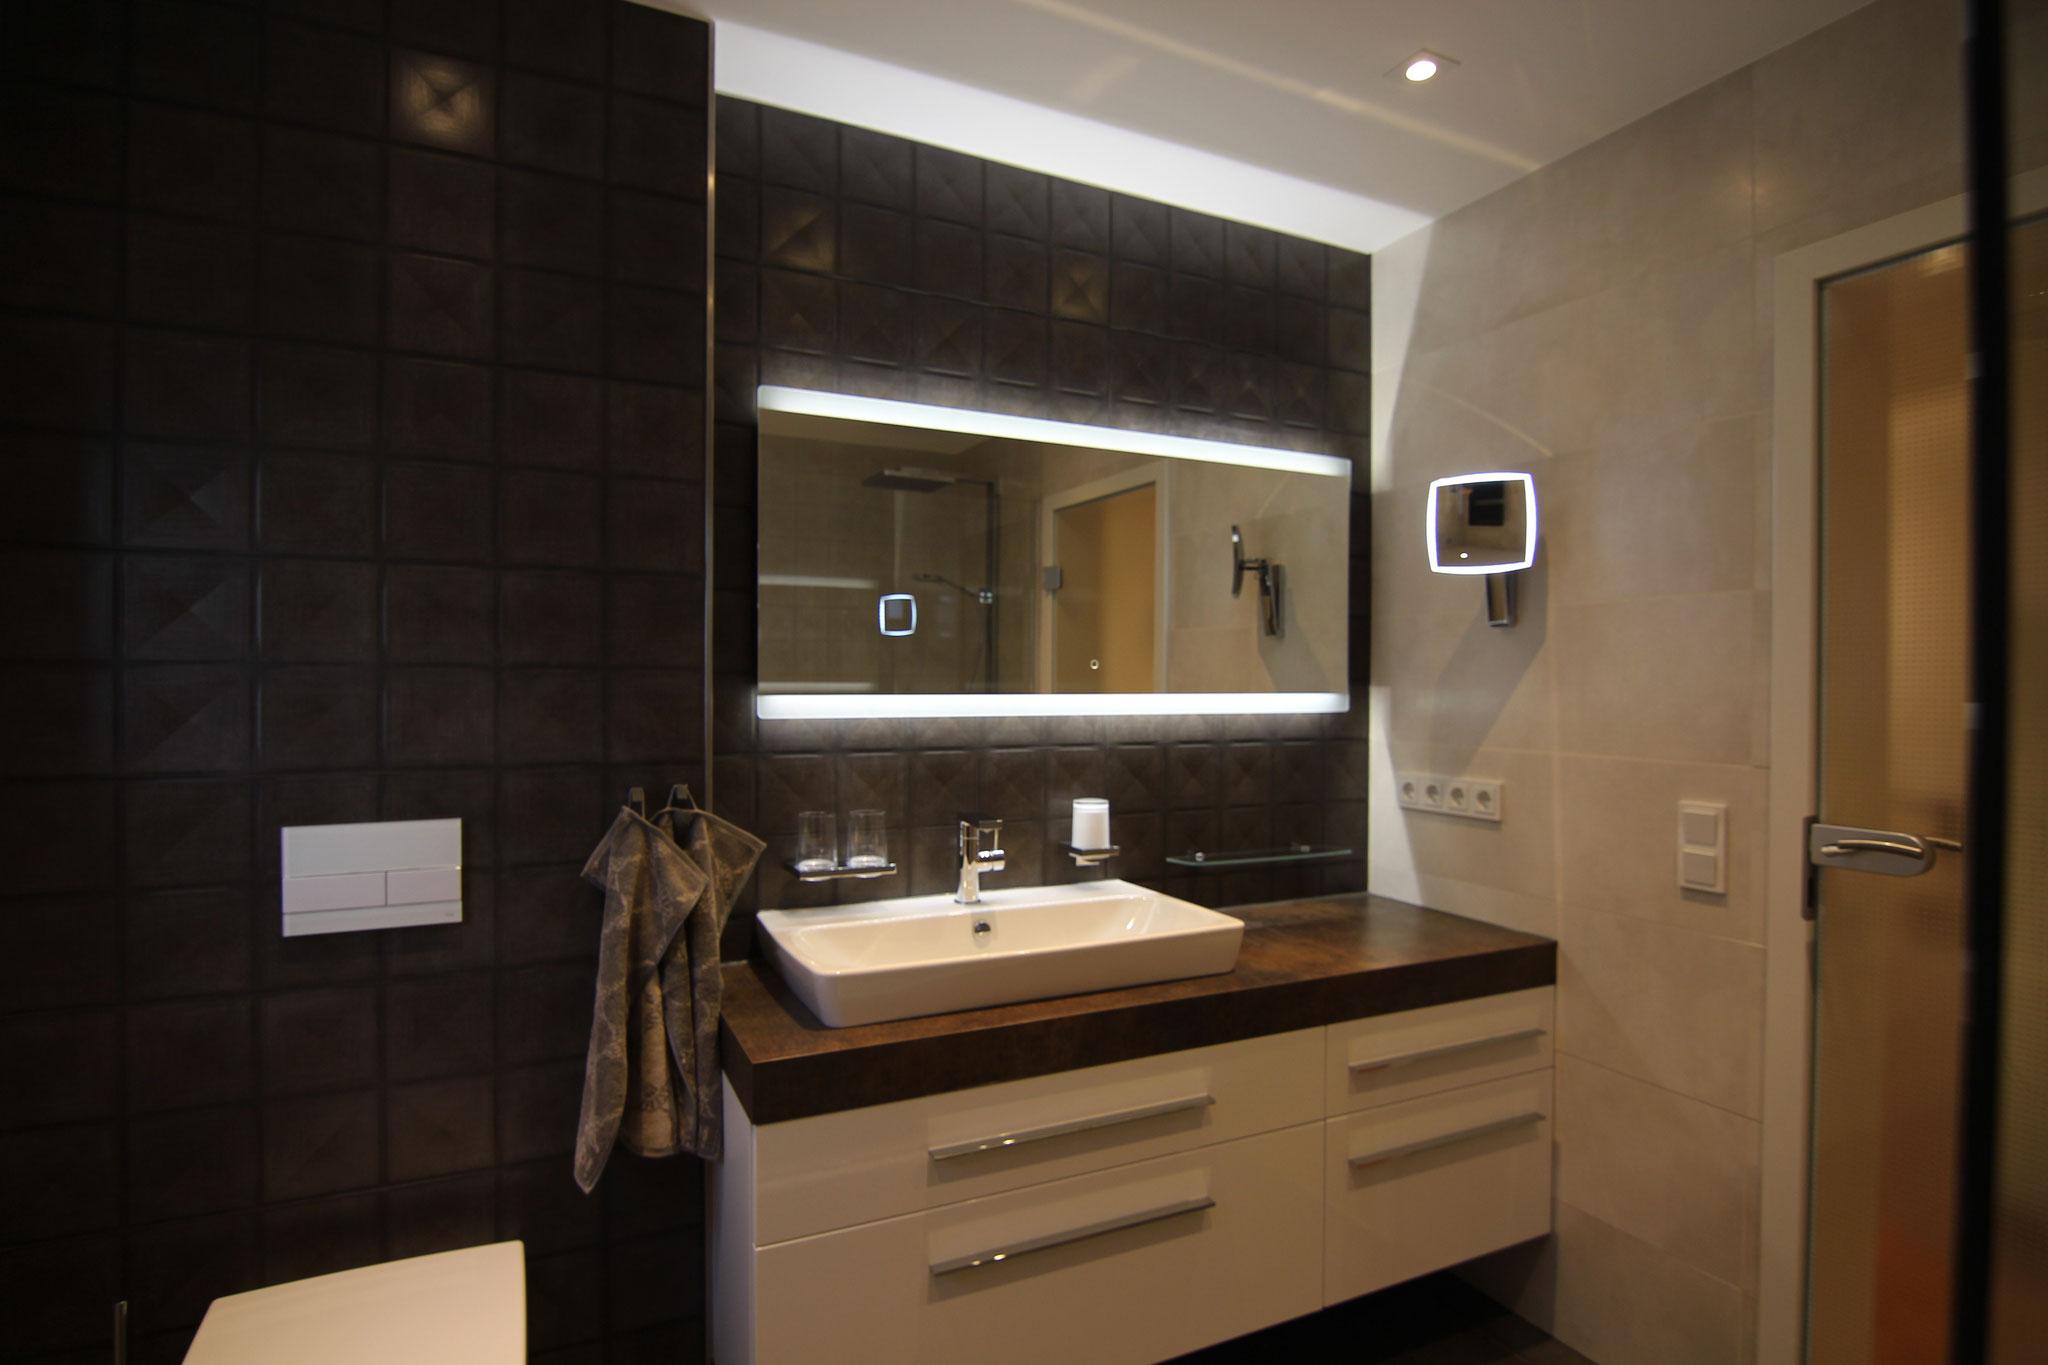 Großzügige Waschtischanlage mit vielen Funktionen